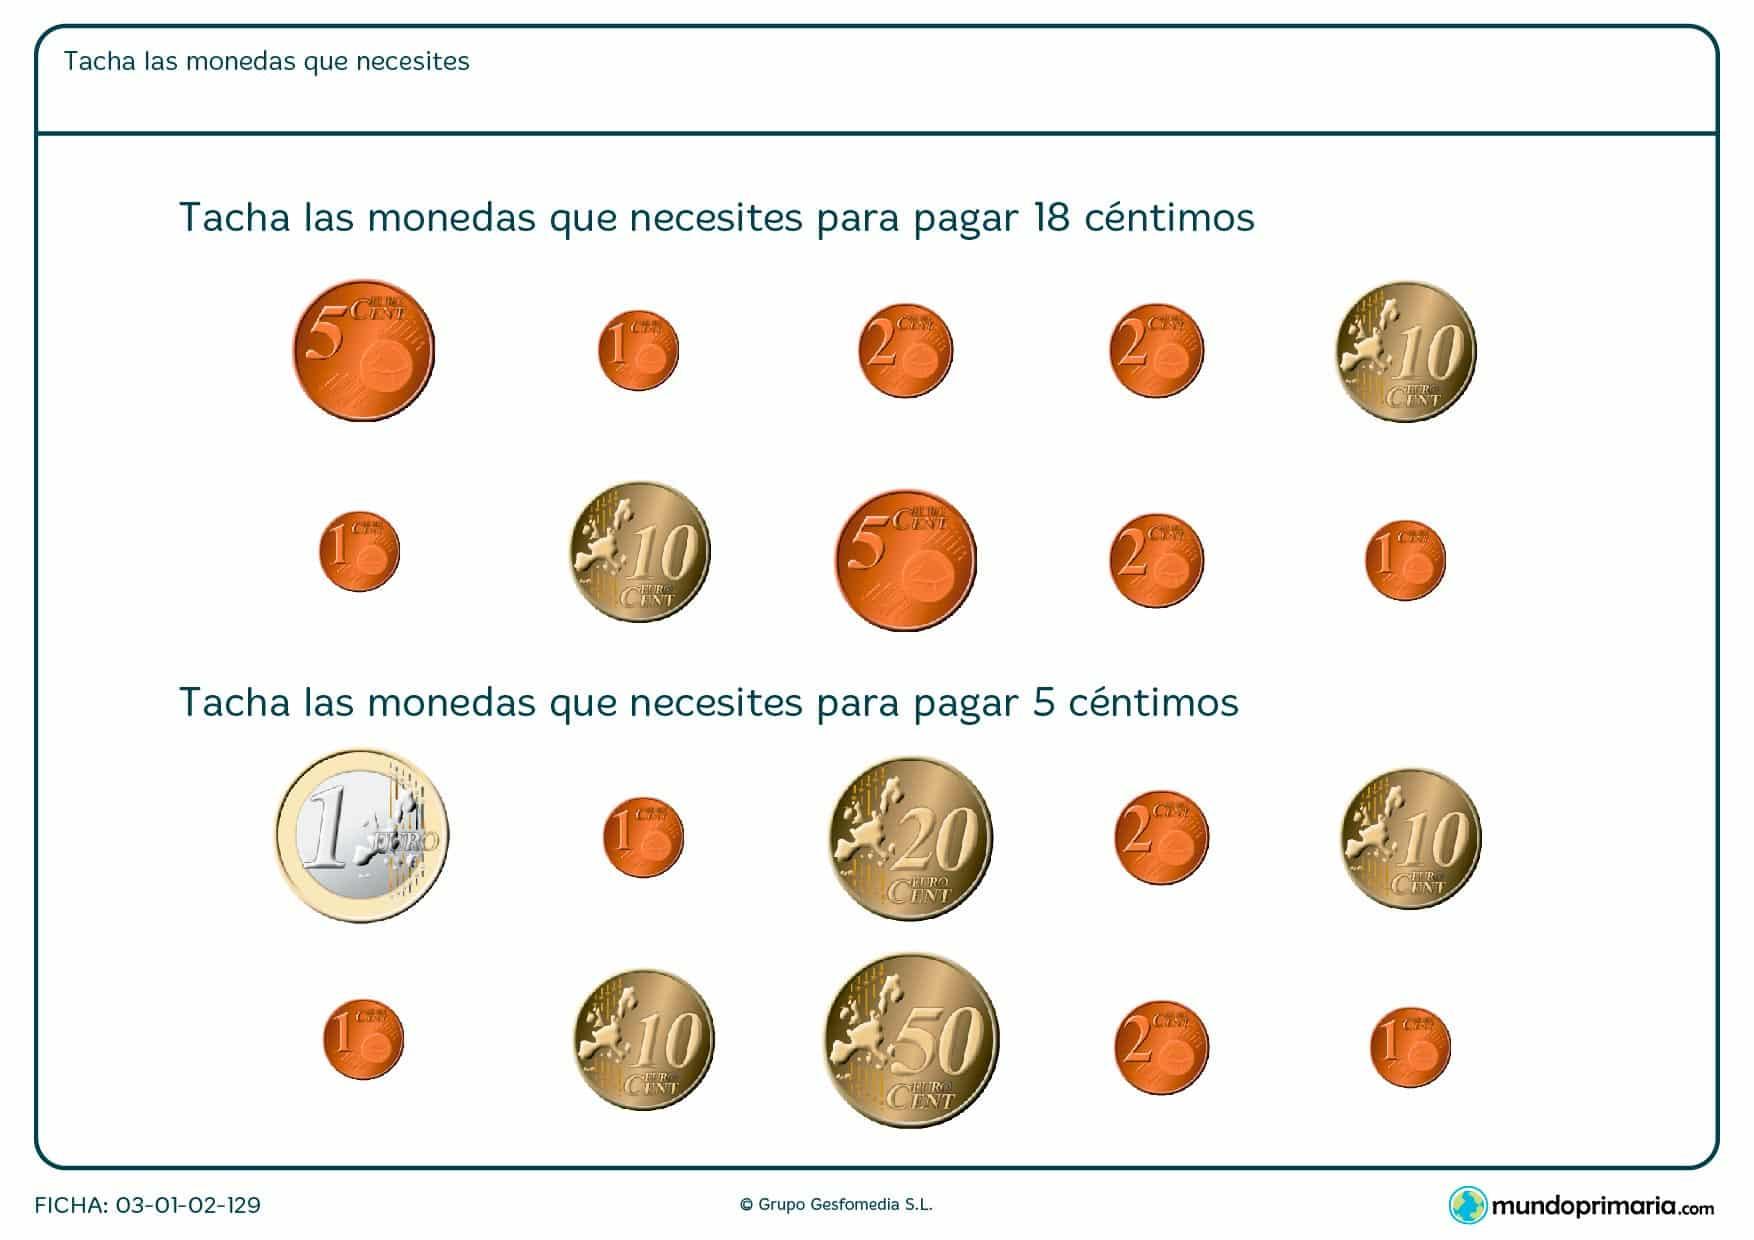 Ficha de tachar monedas en la que hay que seleccionar las monedas que necesitas para sumar una cantidad de dinero.